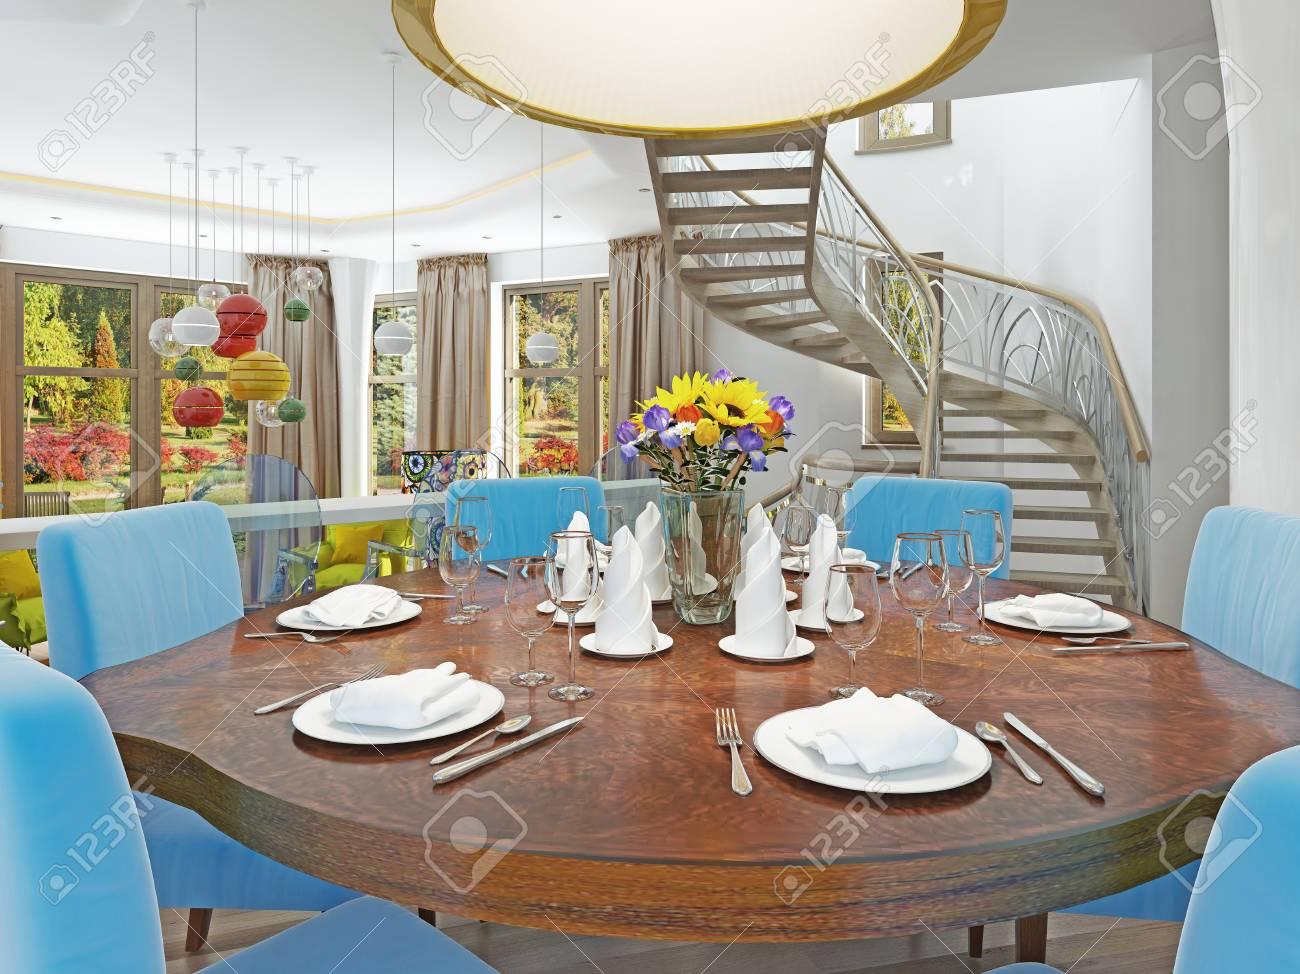 Moderne Esszimmer Mit Küche In Einem Trendigen Stil Kitsch. Runder ...